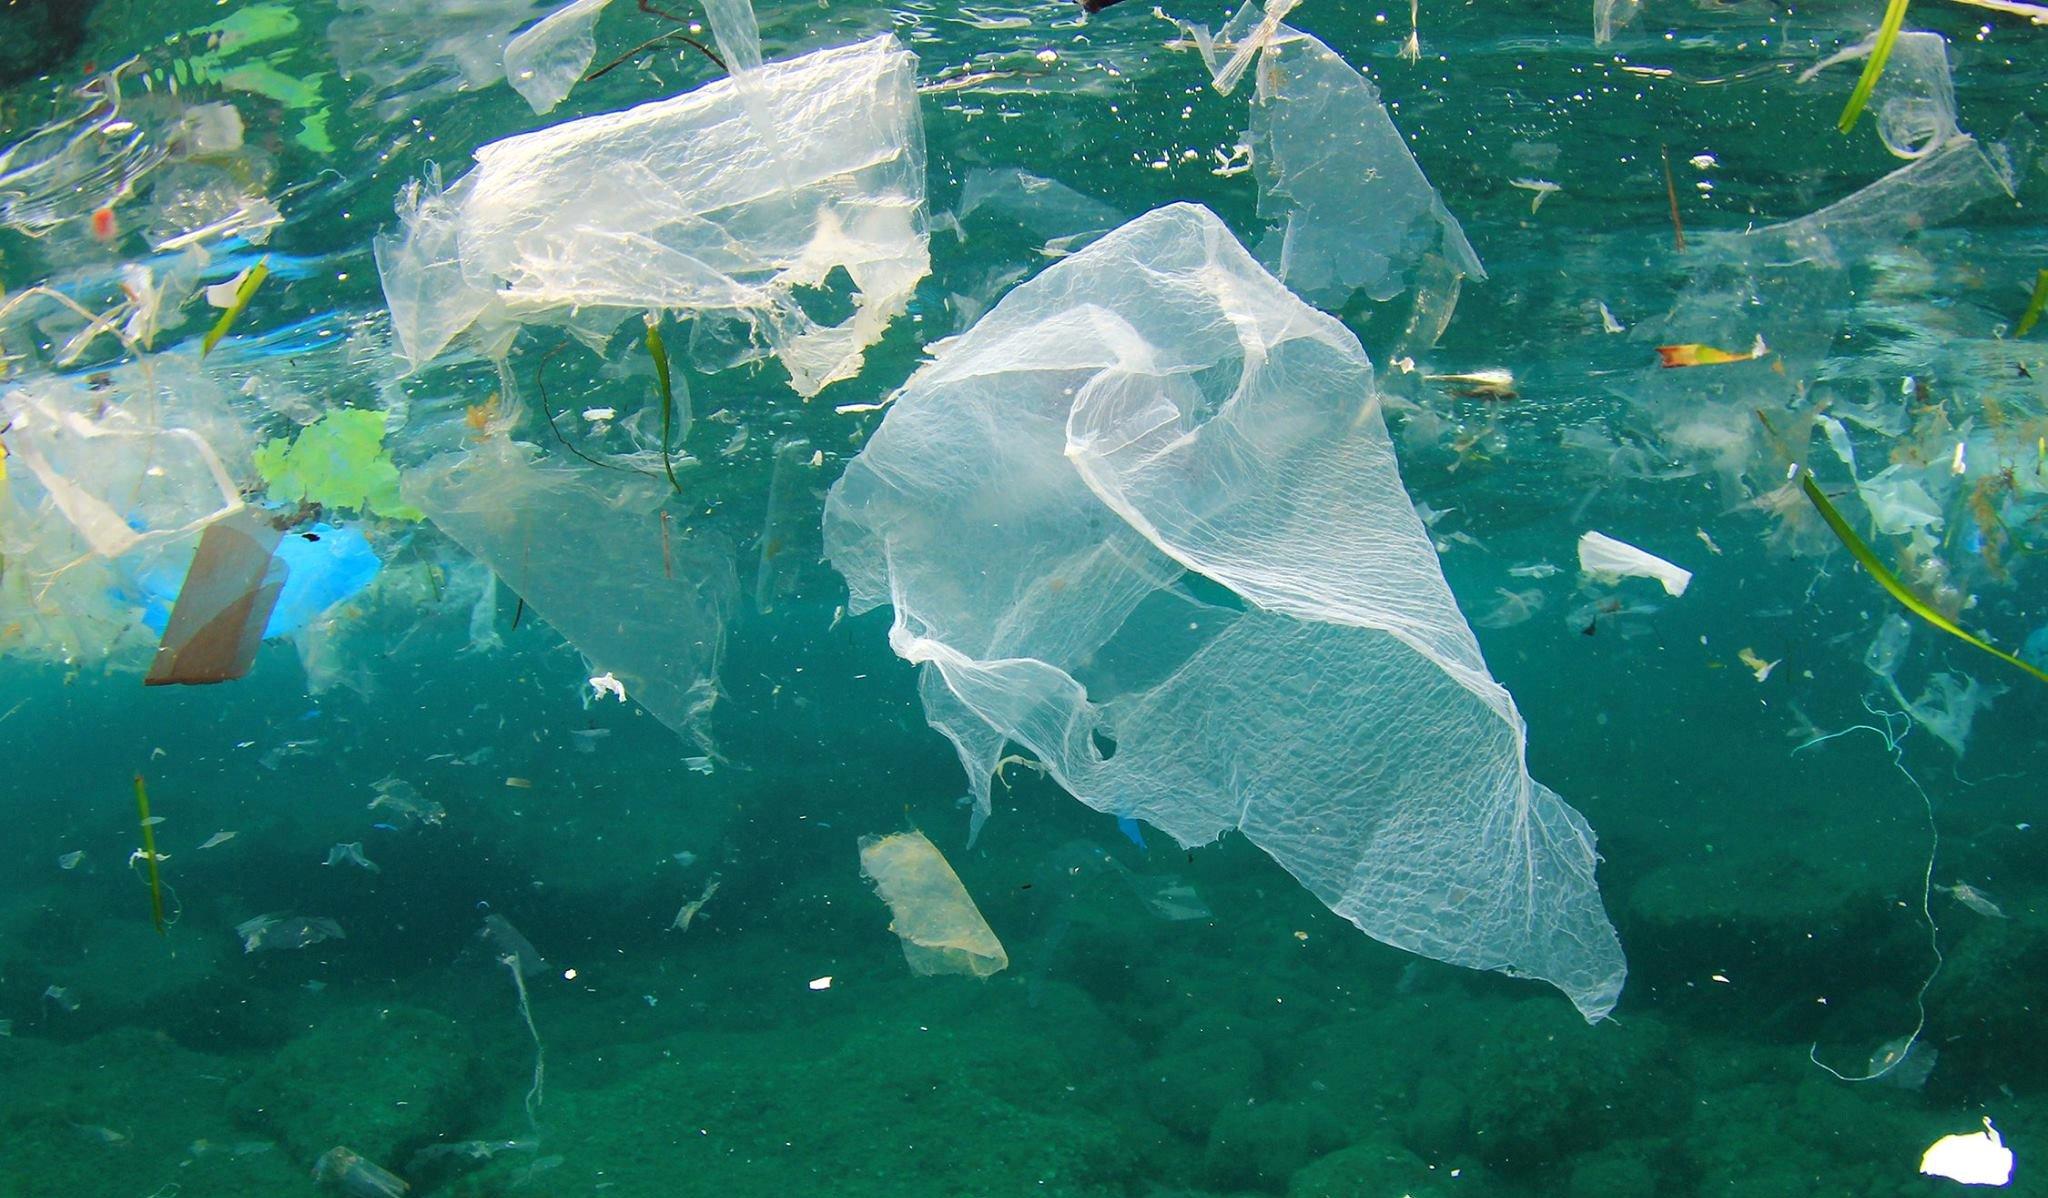 """L'UE e il divieto della plastica monouso: in cosa consiste quello che chiamiamo """"plastica"""""""